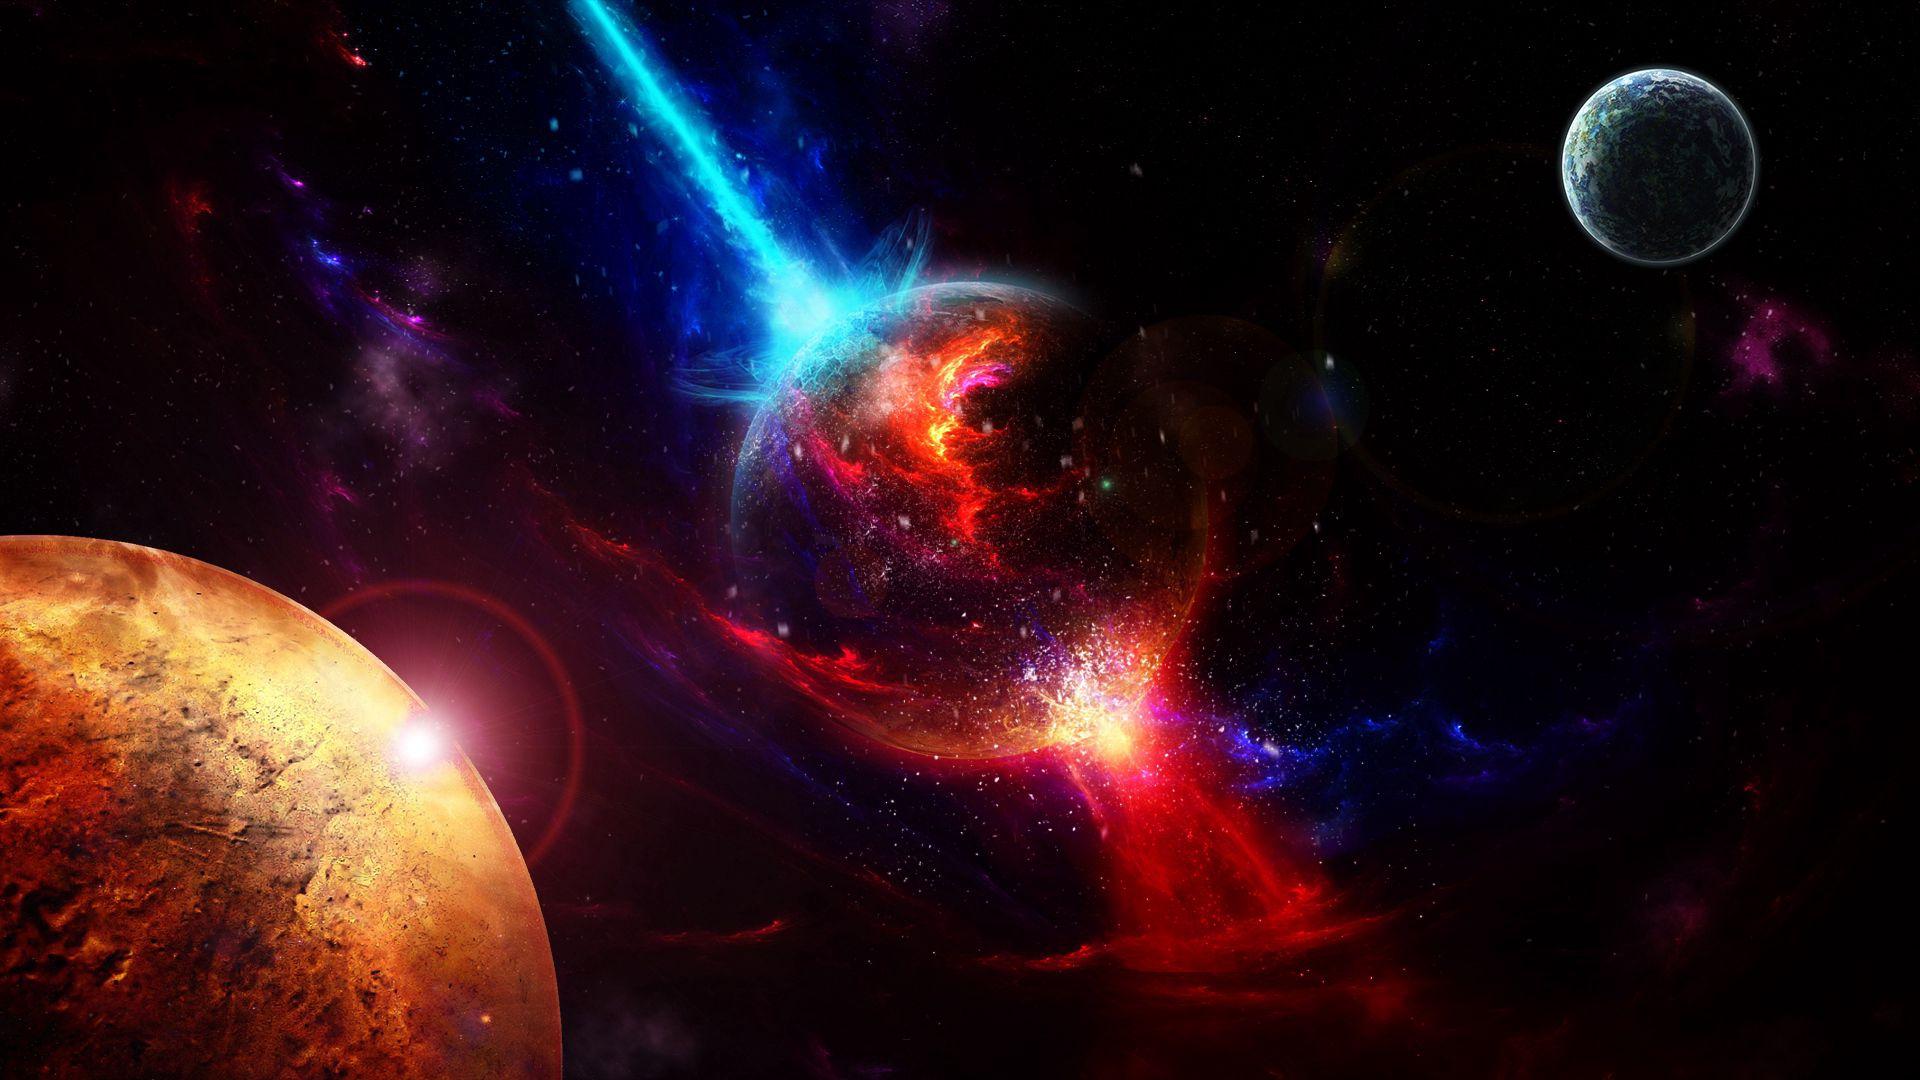 77275 скачать обои Космос, Планеты, Взрыв, Взлет - заставки и картинки бесплатно